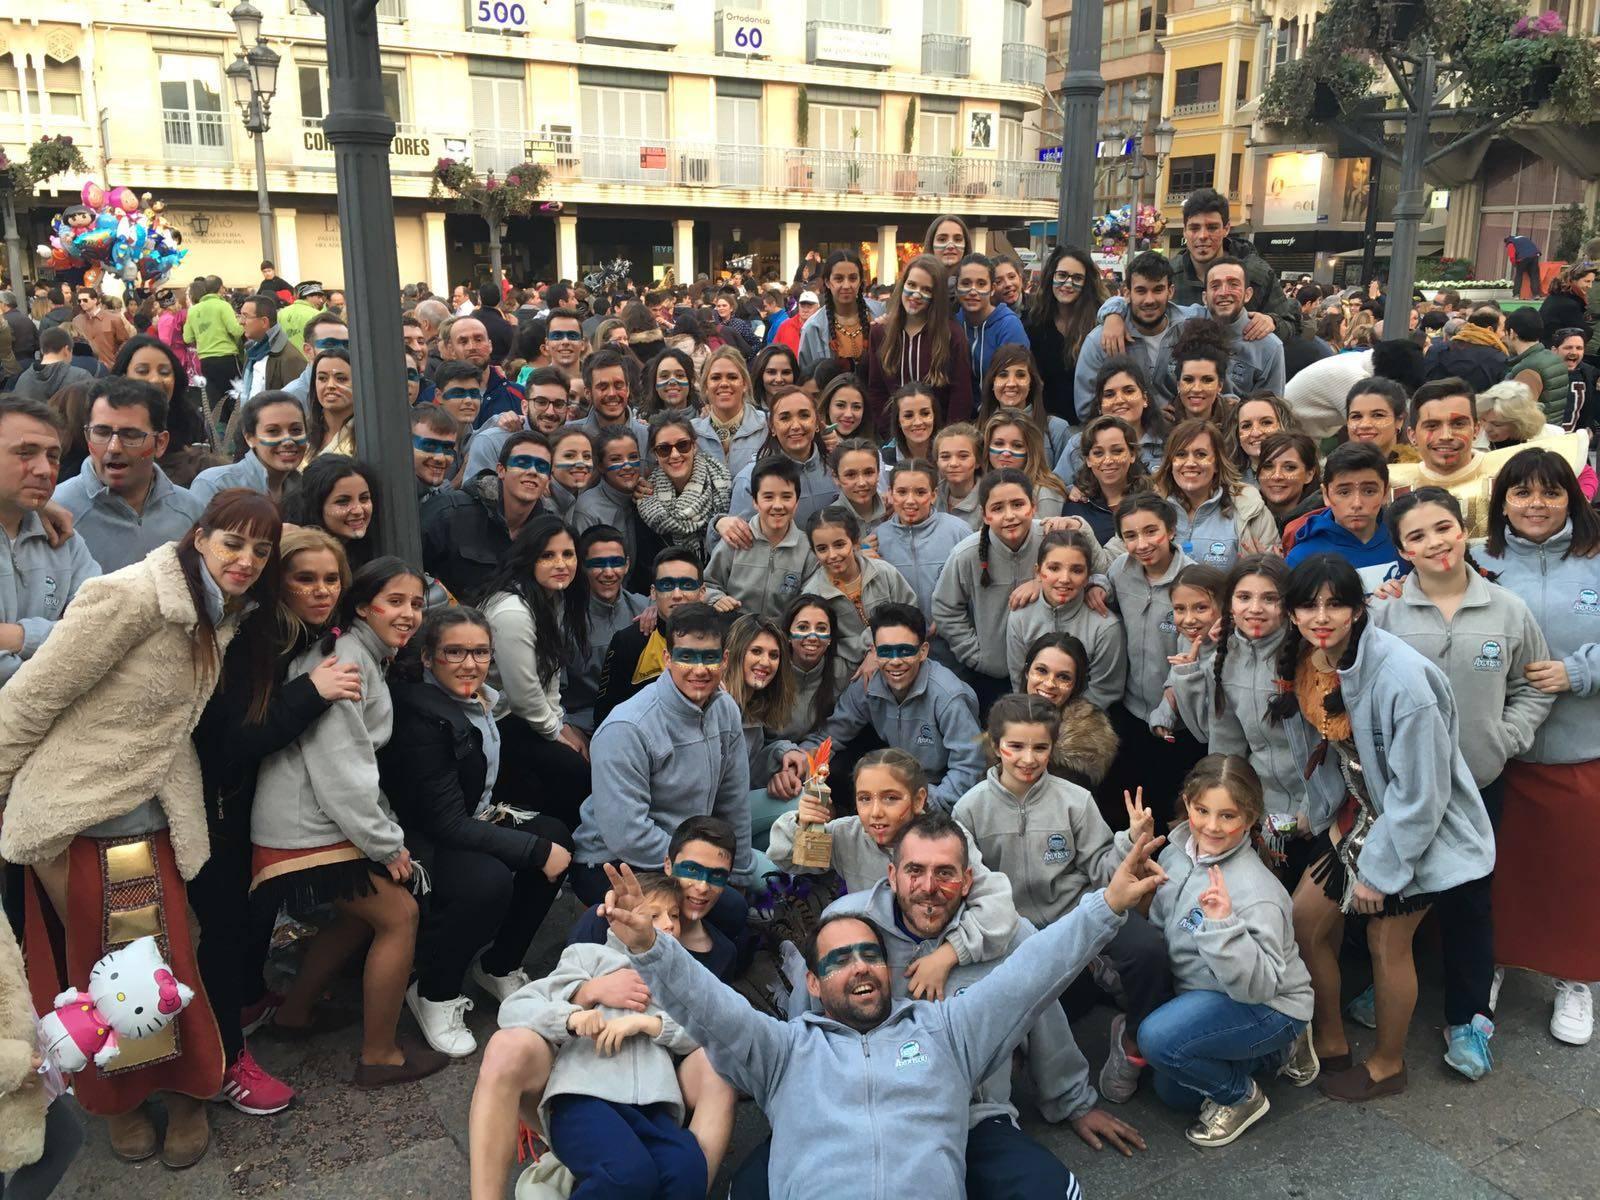 Axonsou de Herencia en el desfile de Pi%C3%B1ata de Ciudad Real 2016 - Axonsou conquista el cuarto premio del Domingo de Piñata de Ciudad Real